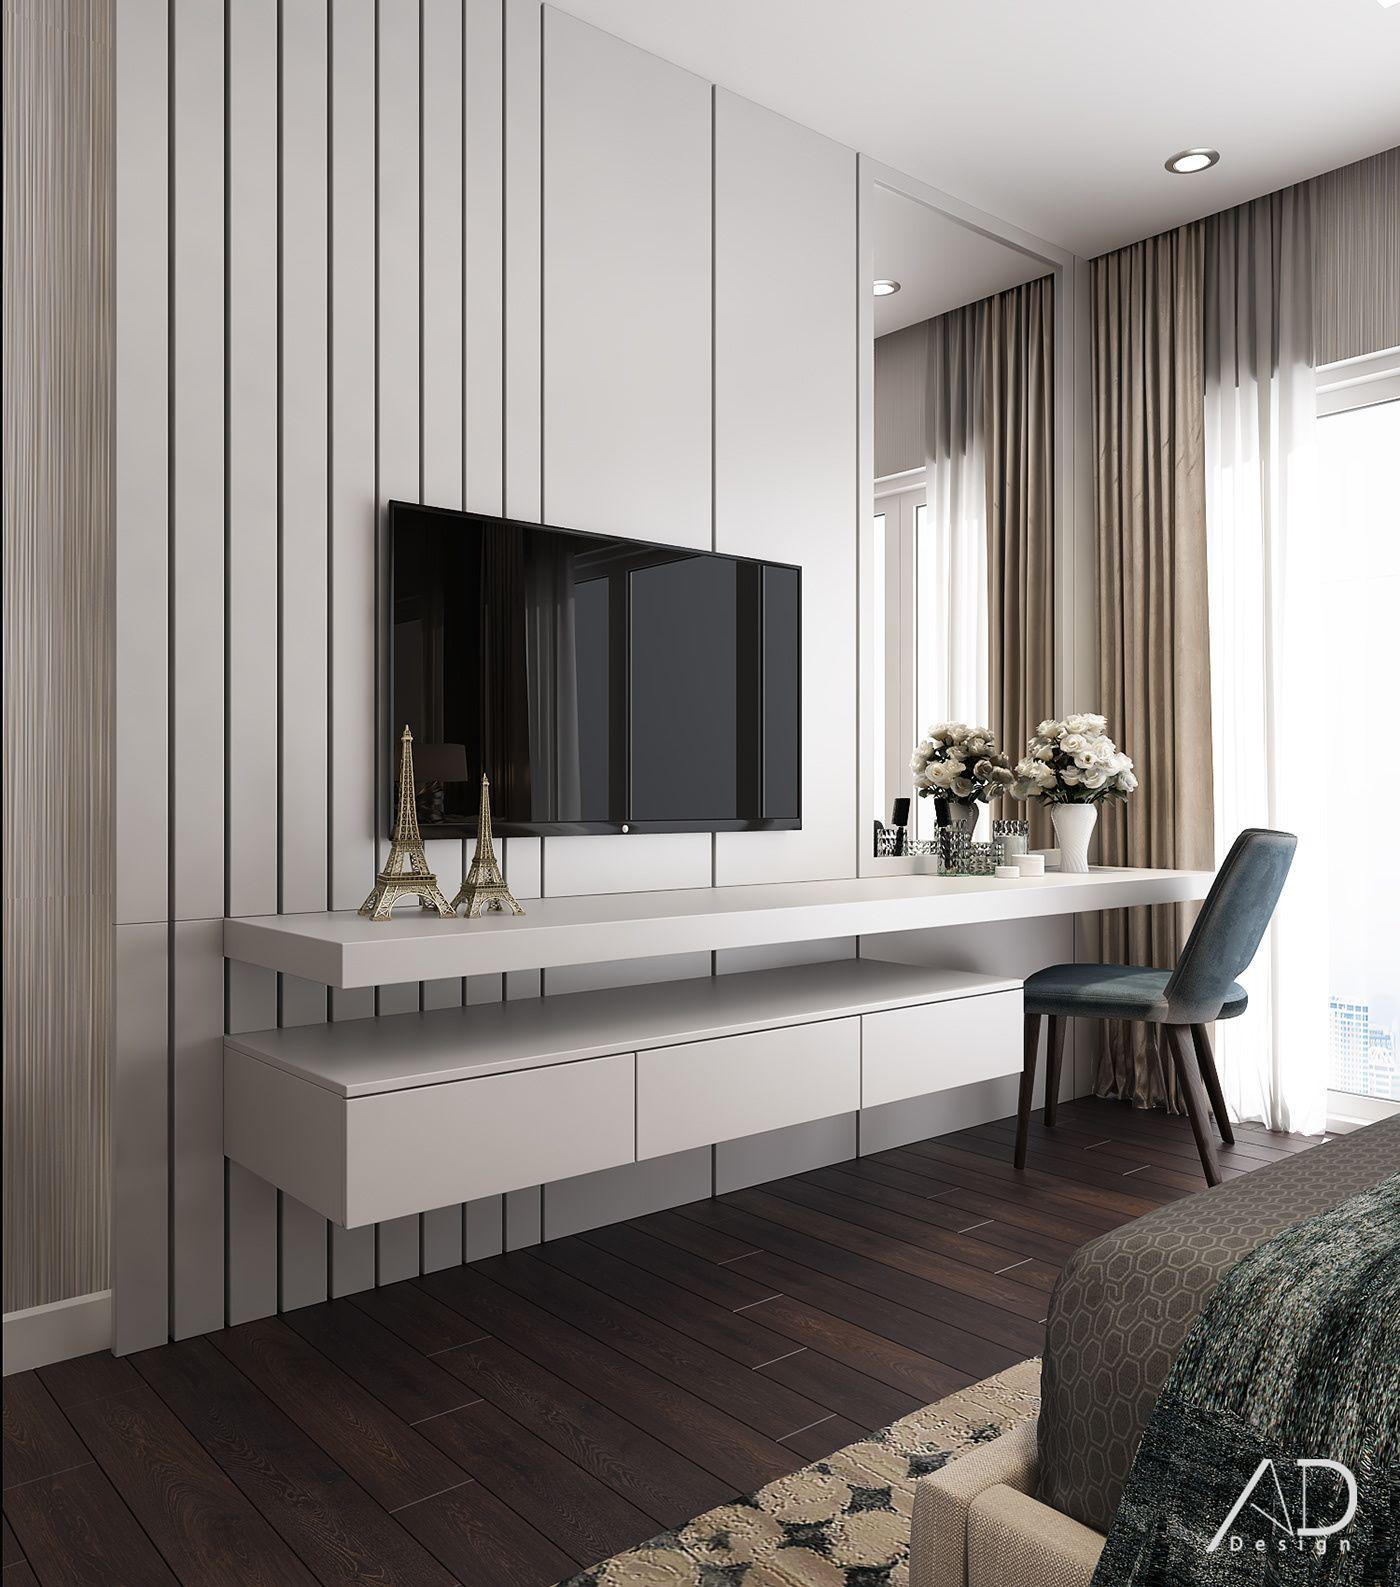 VINHOMES CENTRAL PARK on Behance  Minimalist bedroom design